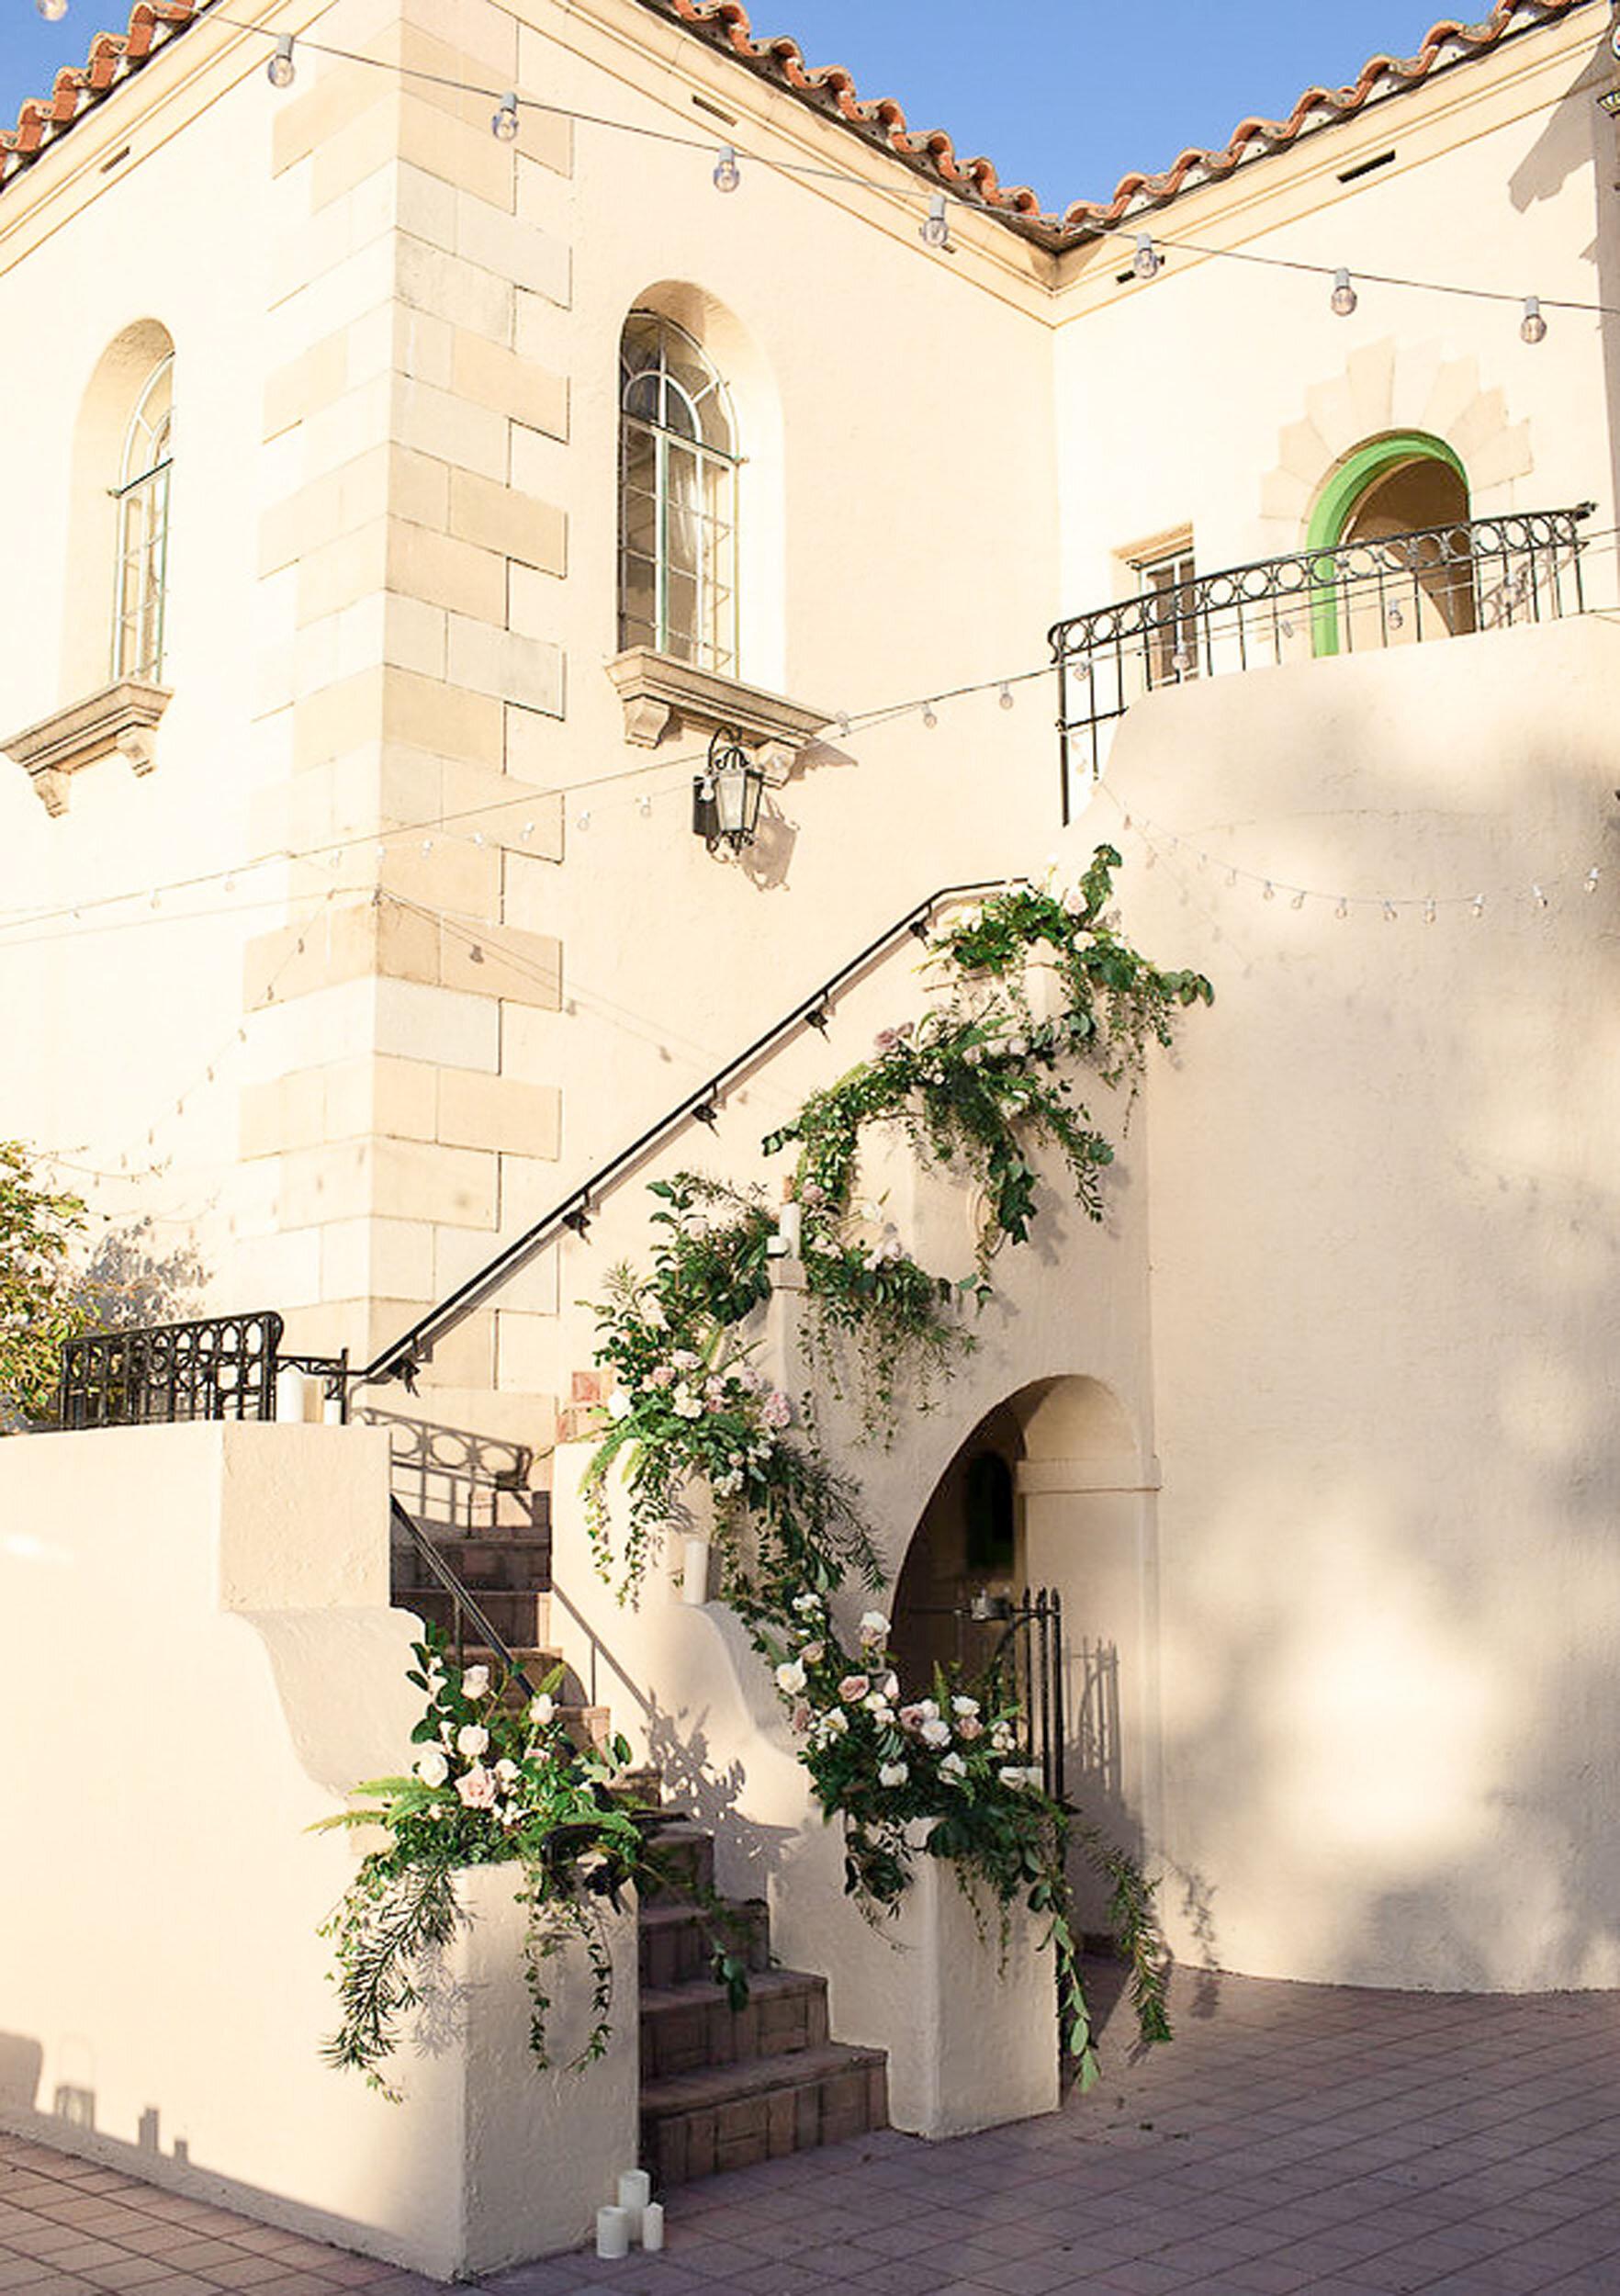 Powel Crosley Stairs